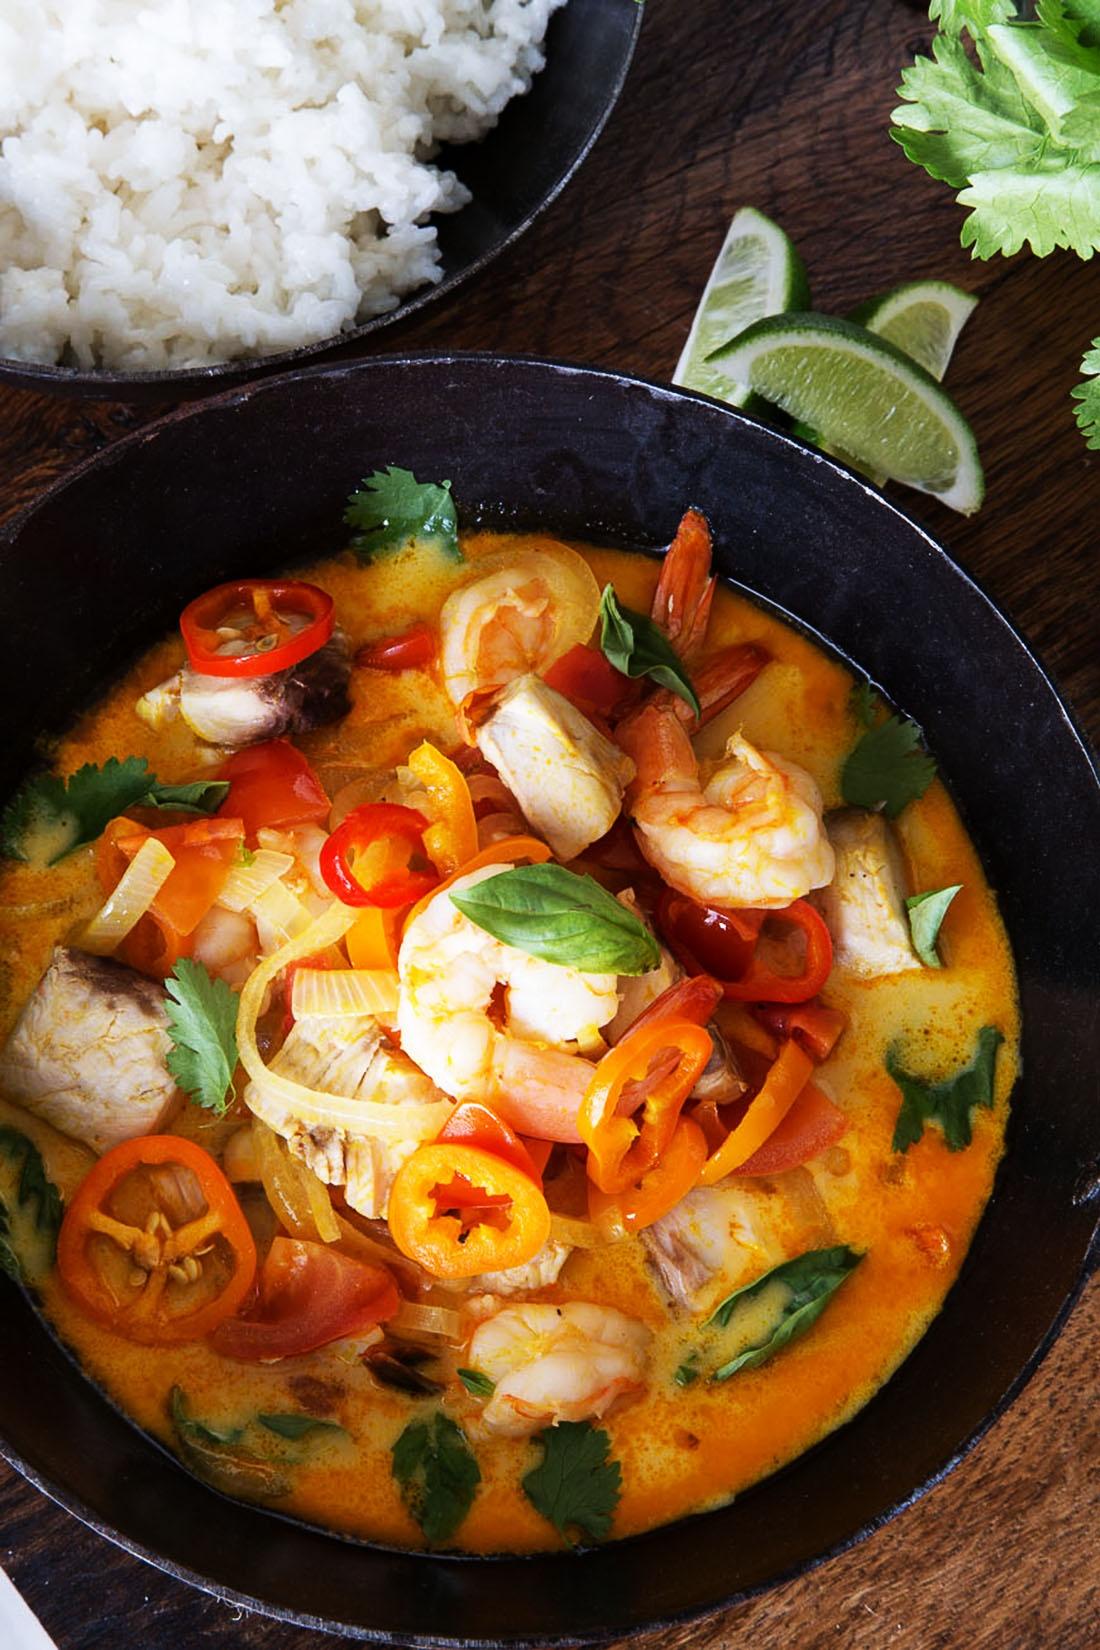 образом бразильская кухня рецепты с фото в домашних фруктовый плов